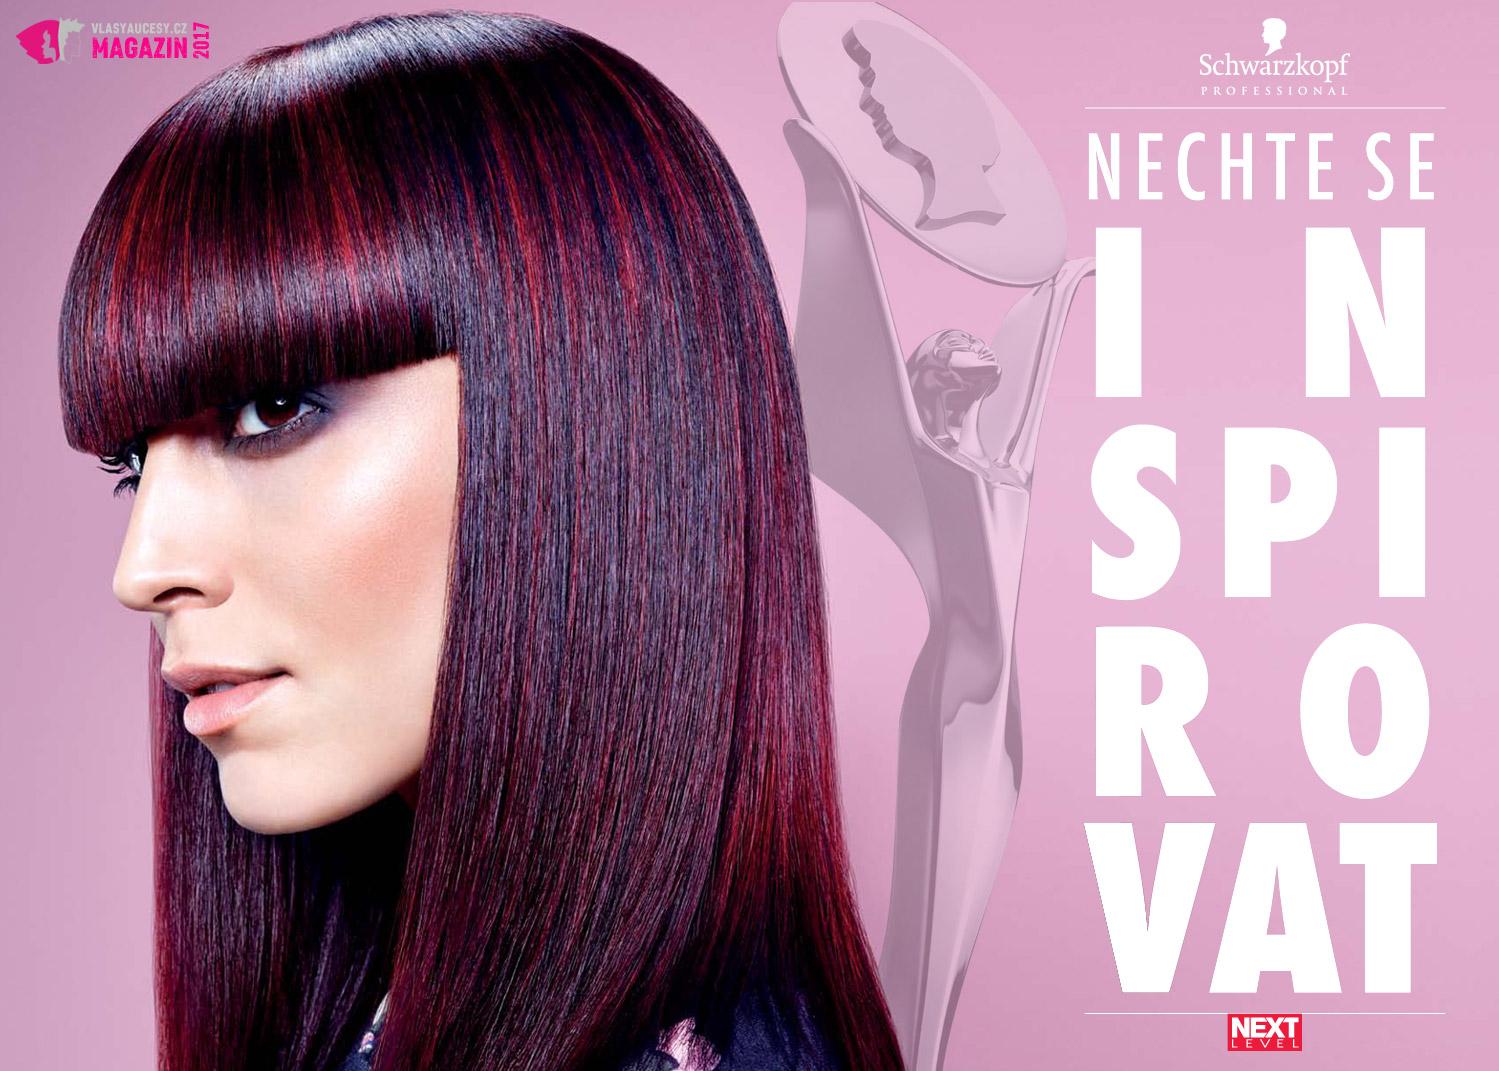 Dejte nový směr své kariéře díky účasti či dokonce umístění v soutěži Czech & Slovak Hairdressing Awards Next Level 2017.